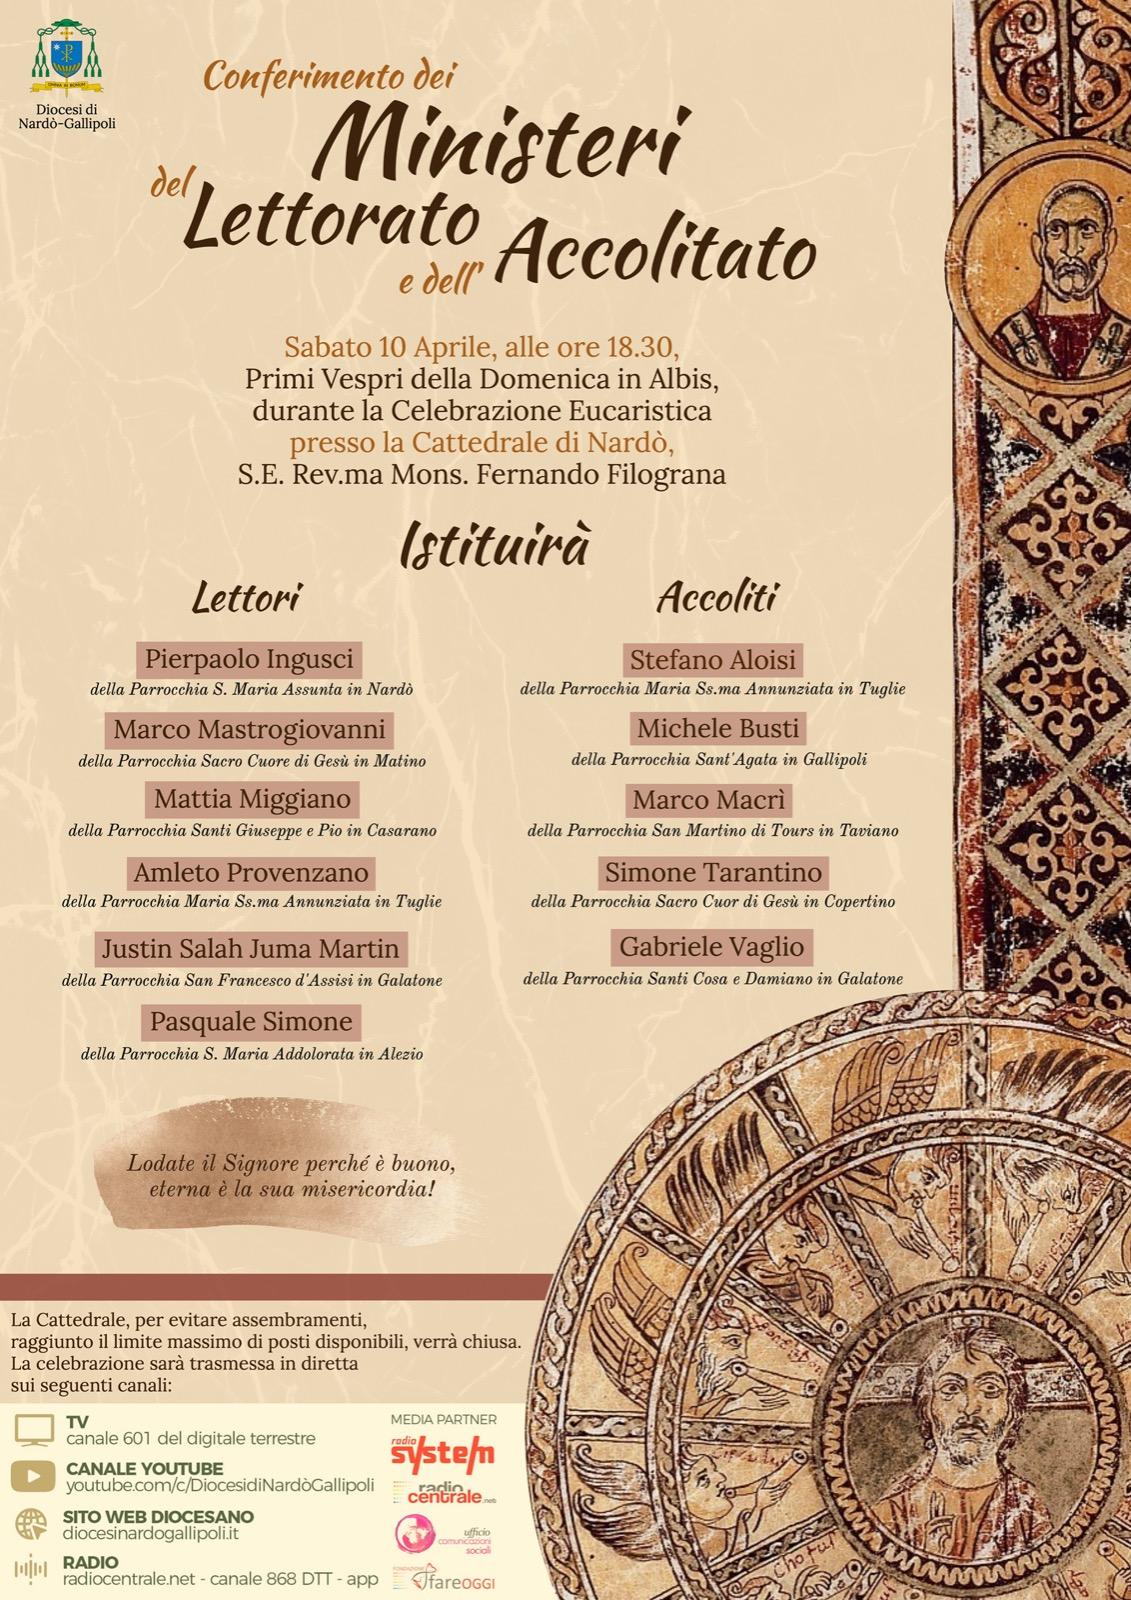 Conferimento dei Ministeri del Lettorato e dell'Accolitato